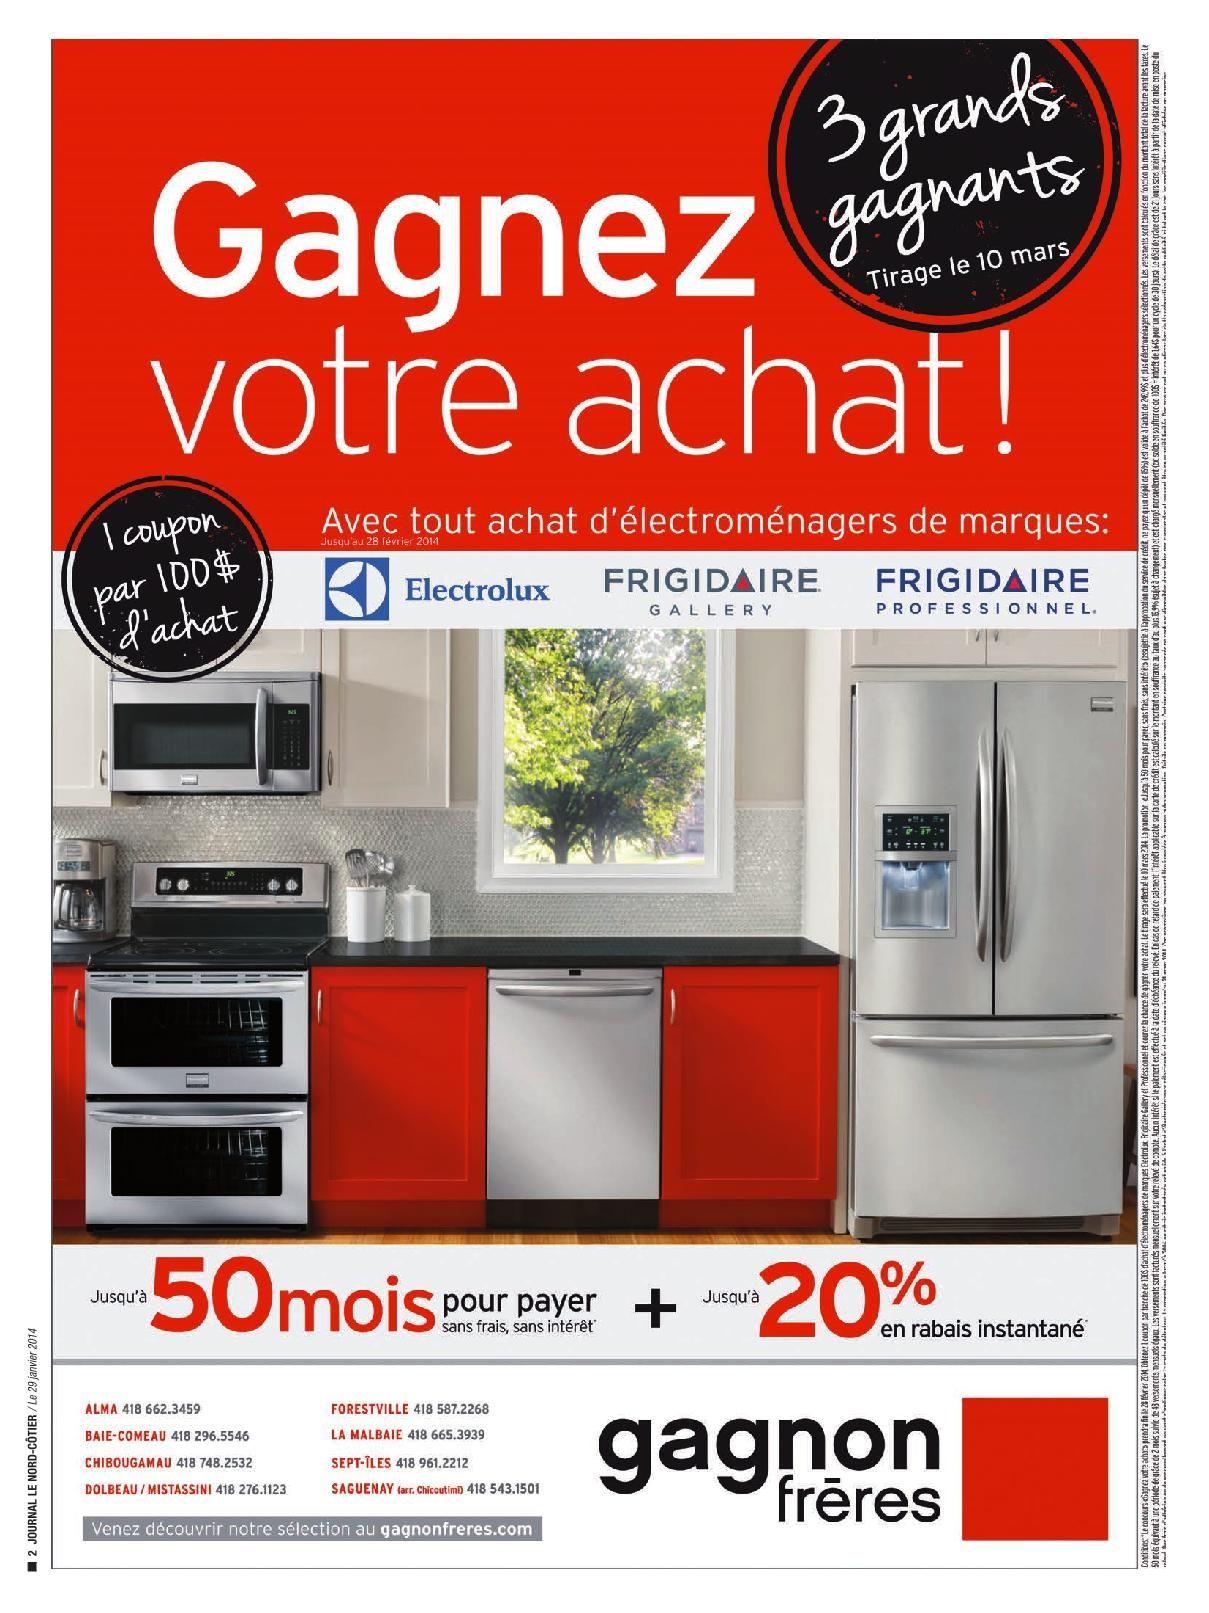 Leclerc so Ouest Élégant Le nord Cotier 29 Janvier 2014 Pages 1 50 Text Version Of 30 Nouveau Leclerc so Ouest